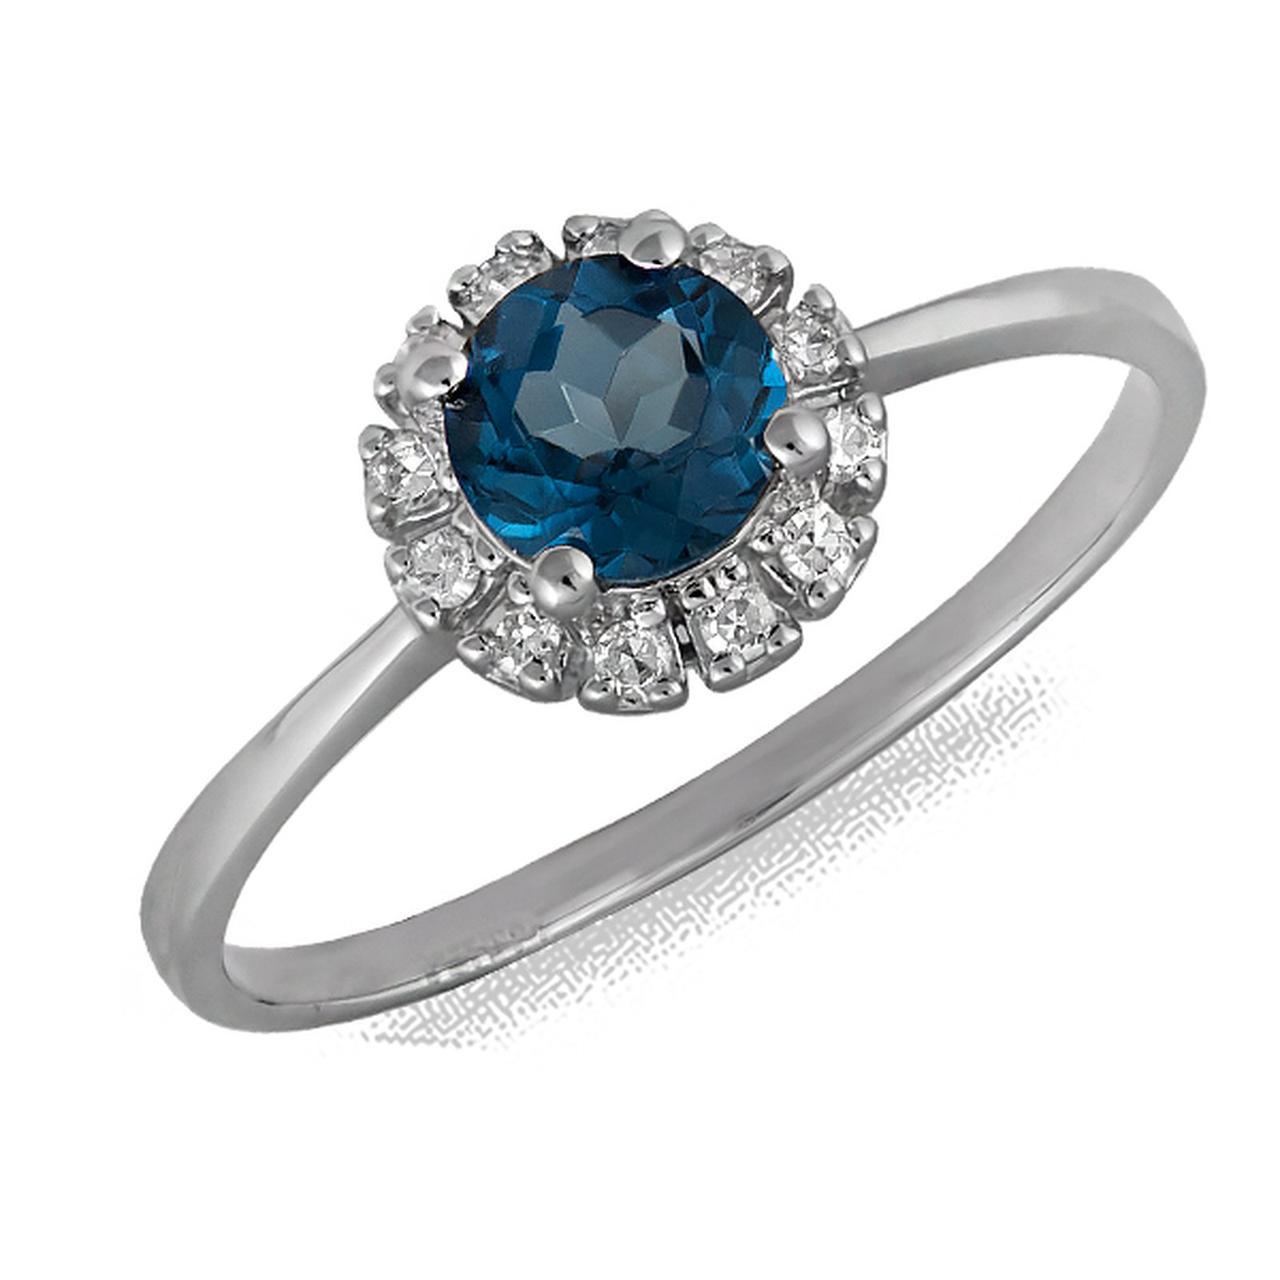 Золотое кольцо с бриллиантами и топазом, размер 16.5 (075759)